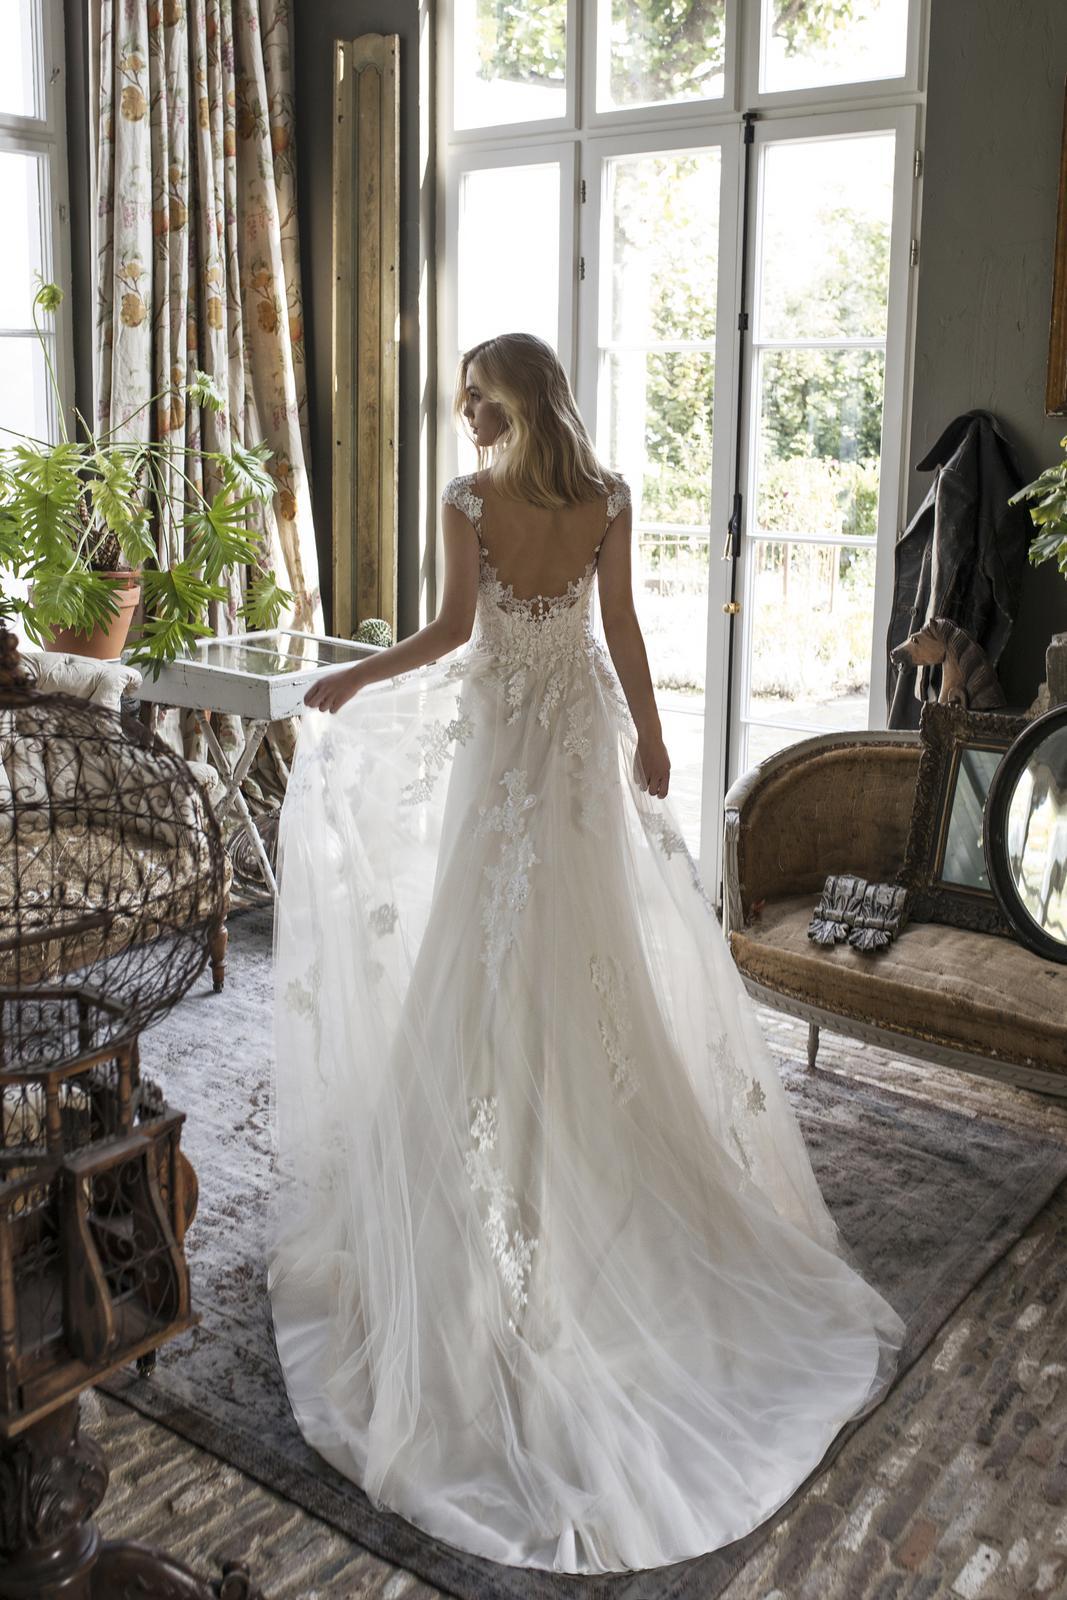 Romantická, elegantní, rebelka anebo bohémka? Jaký typ nevěsty jste vy? - Obrázek č. 15